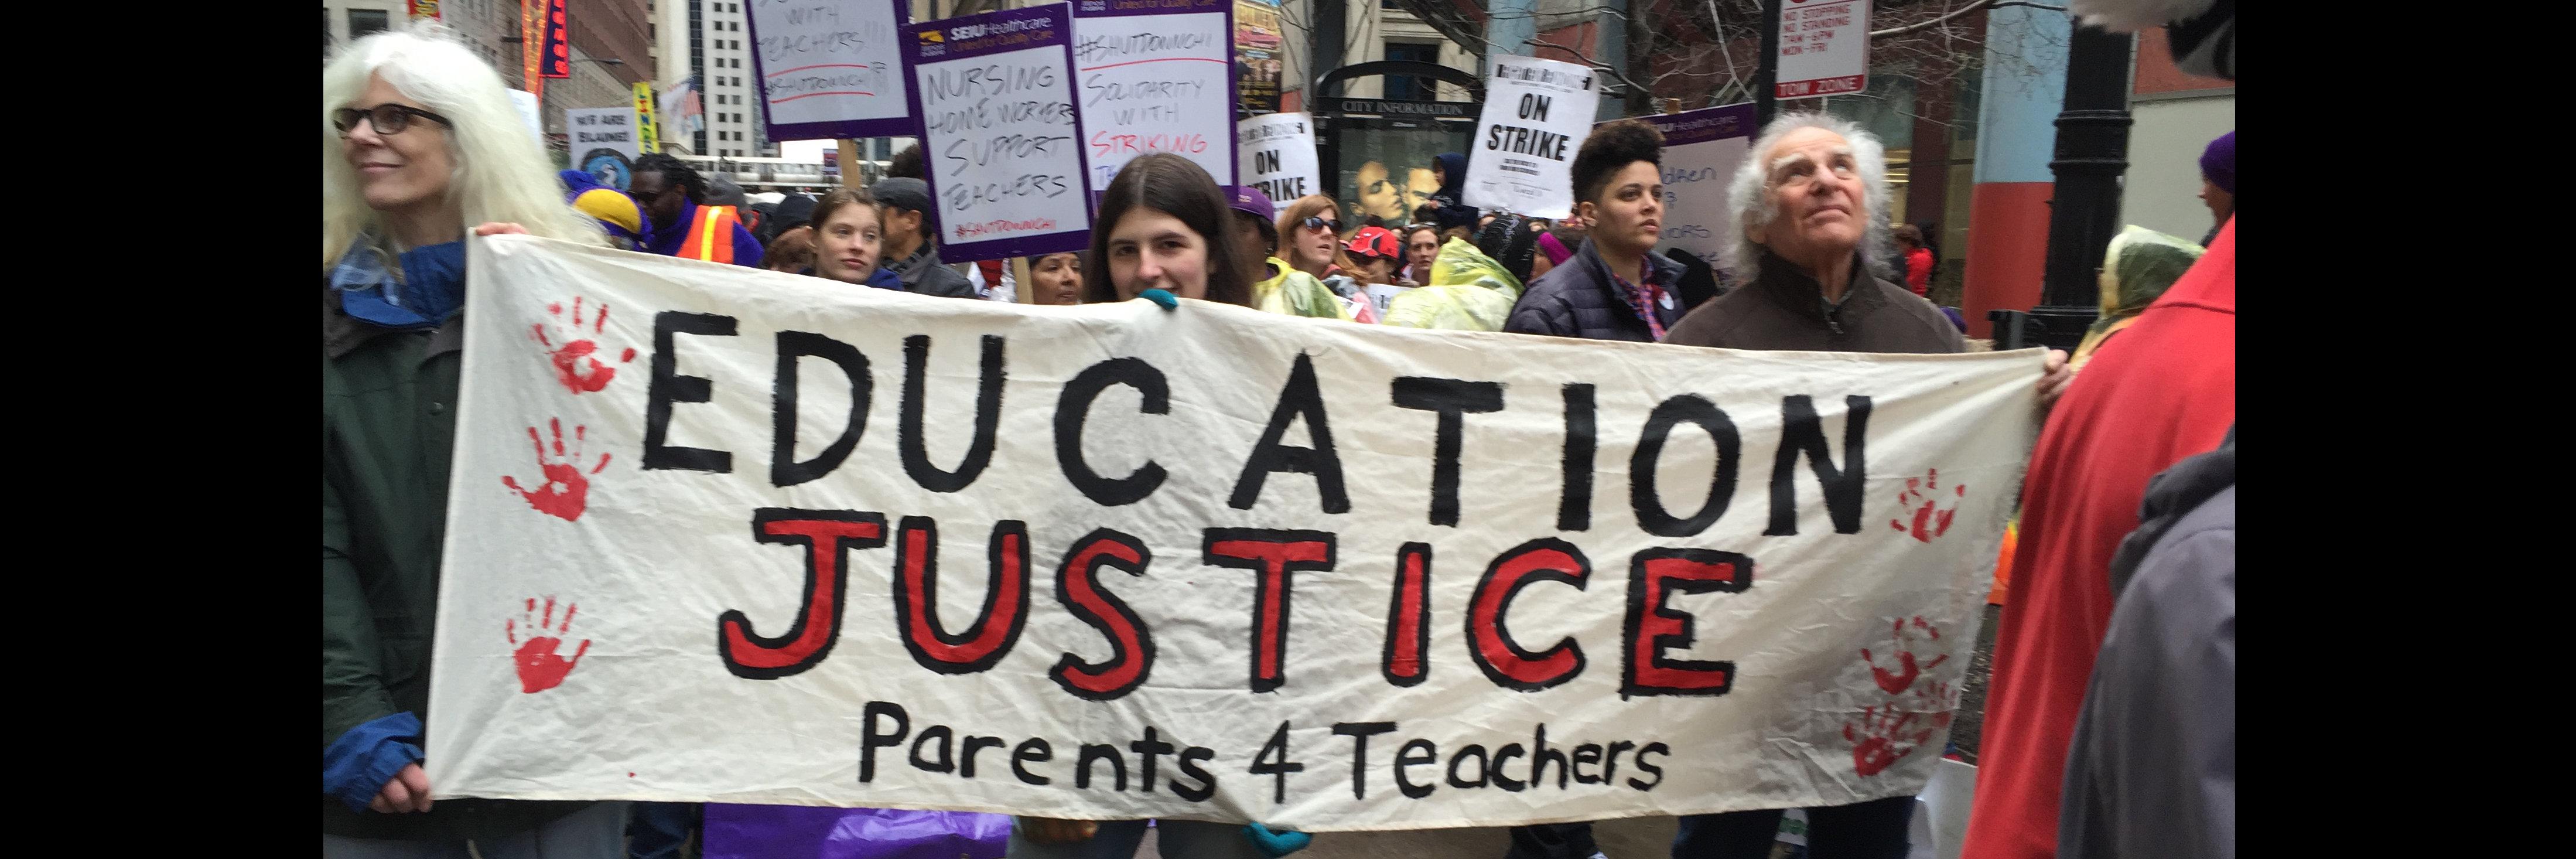 Parents 4 Teachers - Home